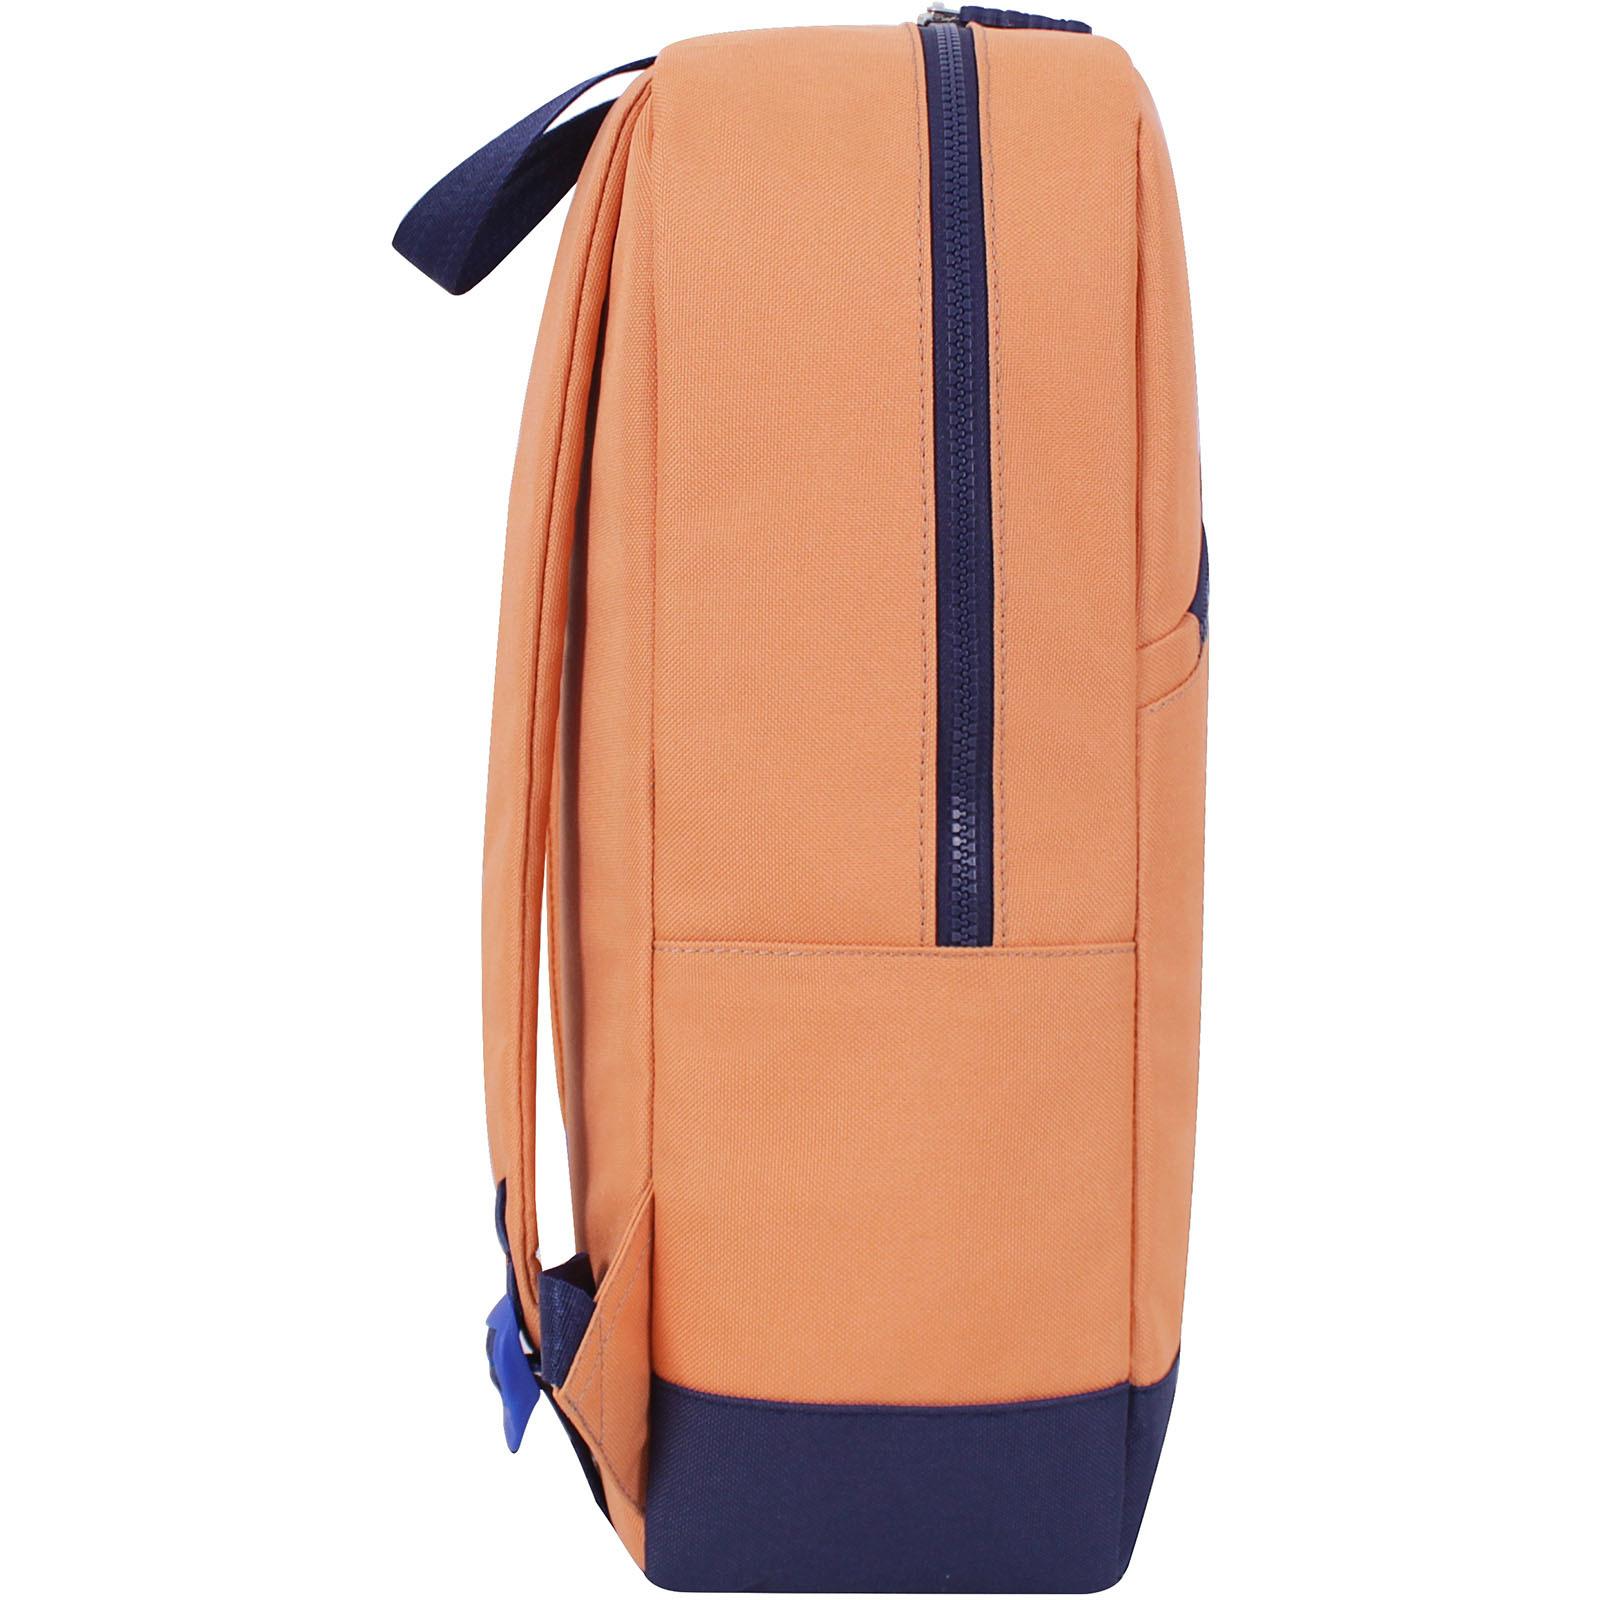 Рюкзак Bagland Amber 15 л. оранжевый (0010466) фото 2